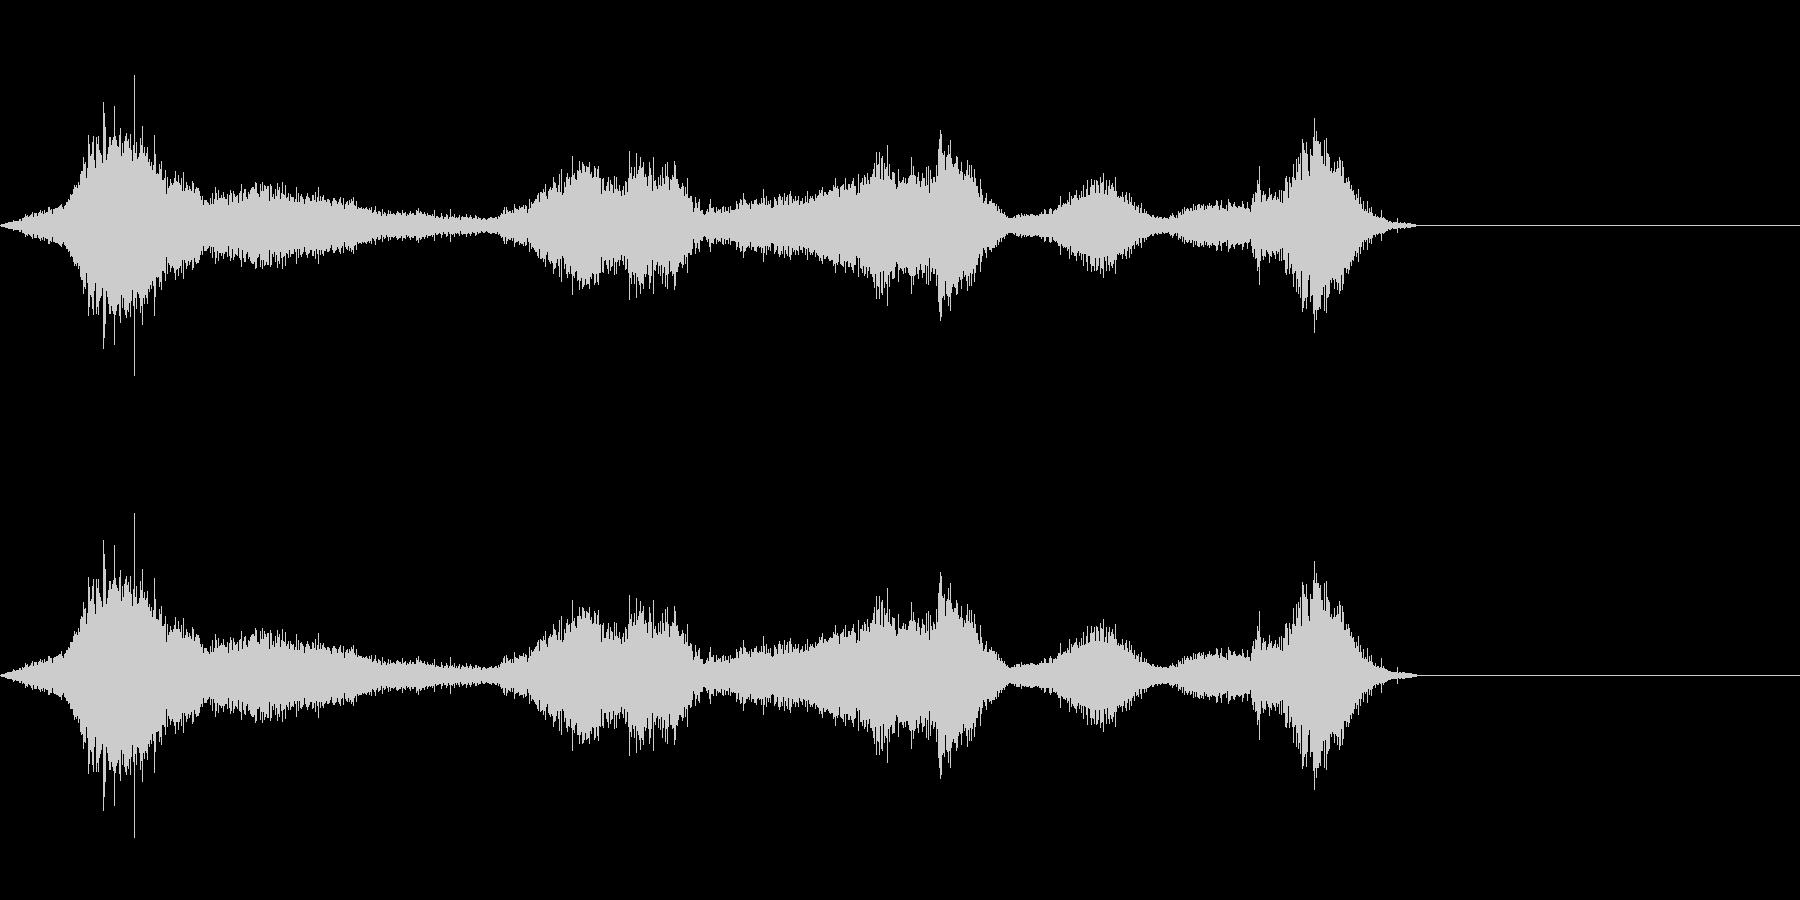 シルク・ナイロン・擦れるの未再生の波形